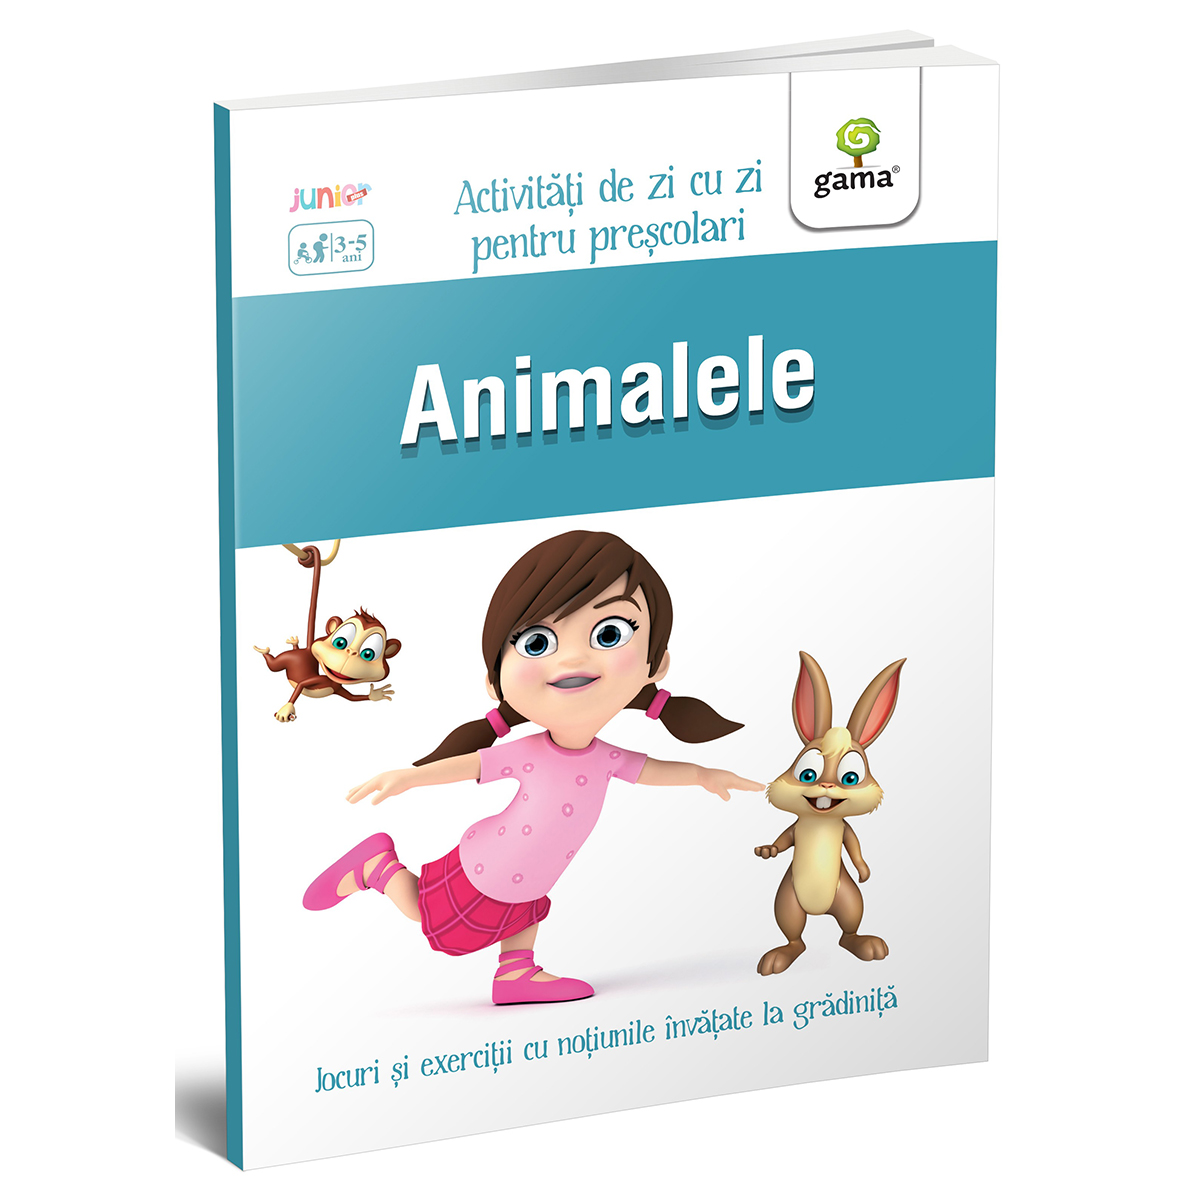 Carte Editura Gama, Animalele 3-5 ani, Activitati de zi cu zi imagine